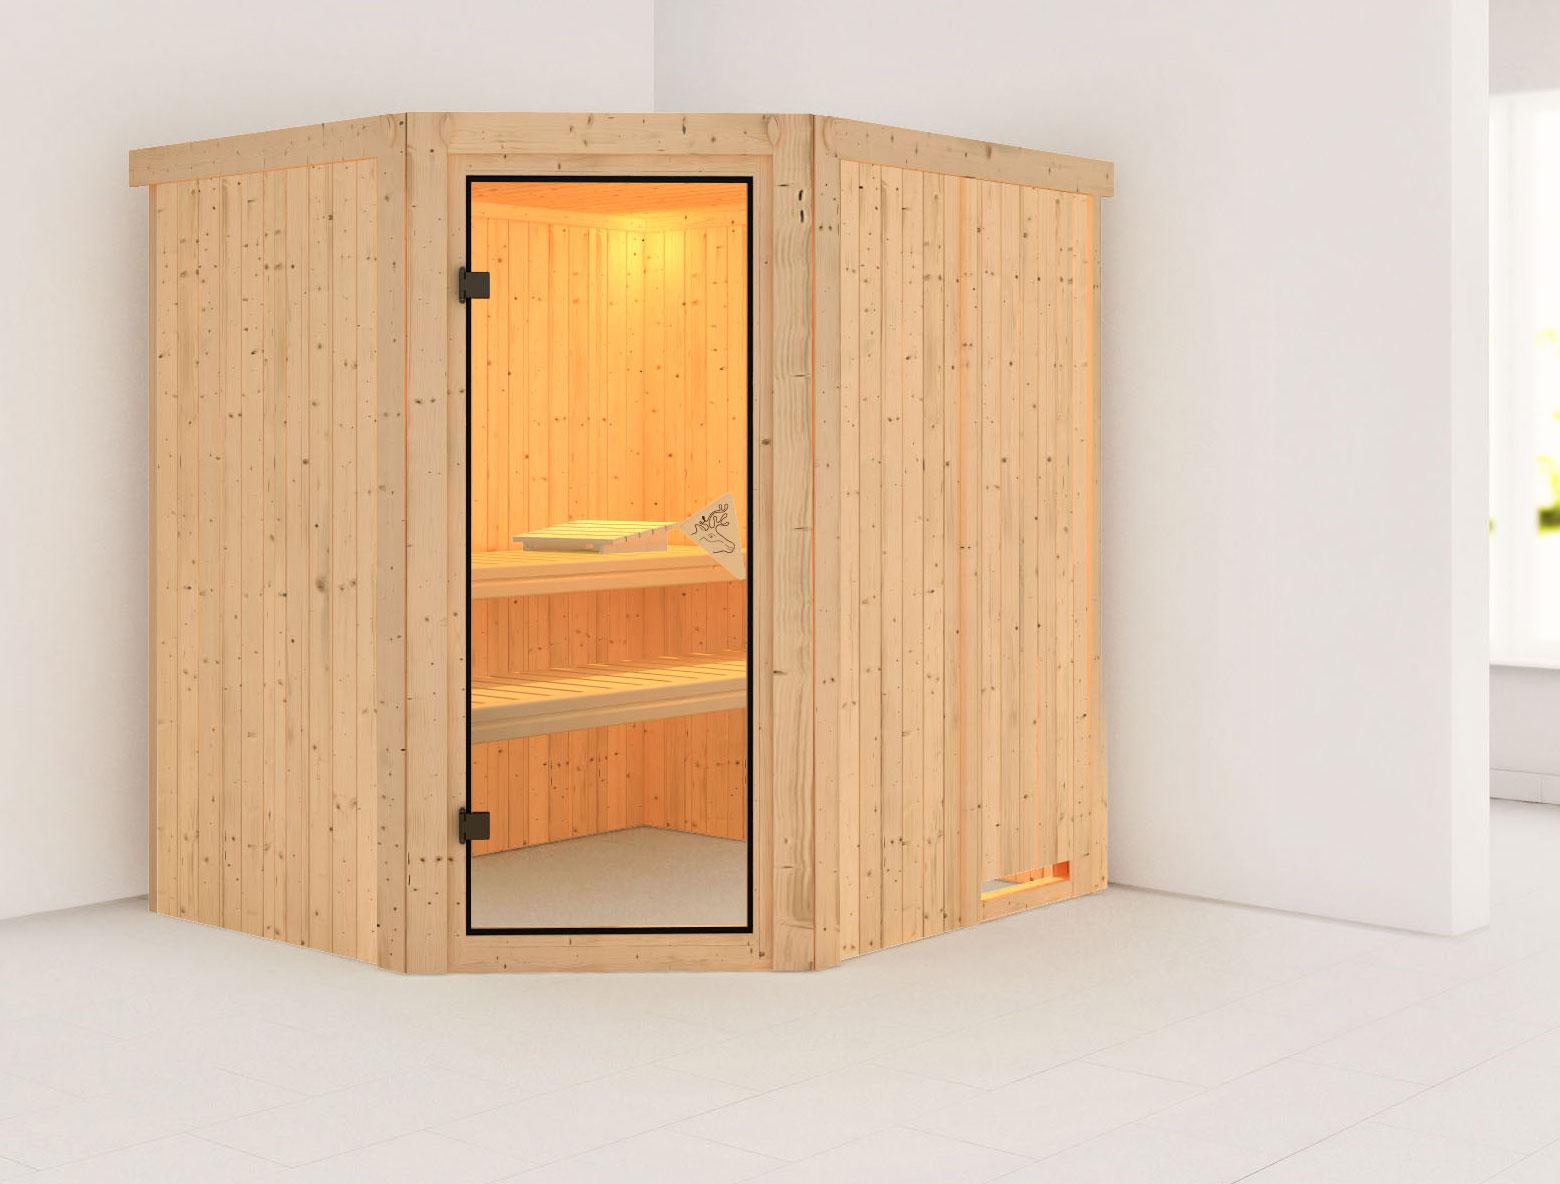 Karibu Sauna Siirin 68mm ohne Ofen classic Tür Bild 1